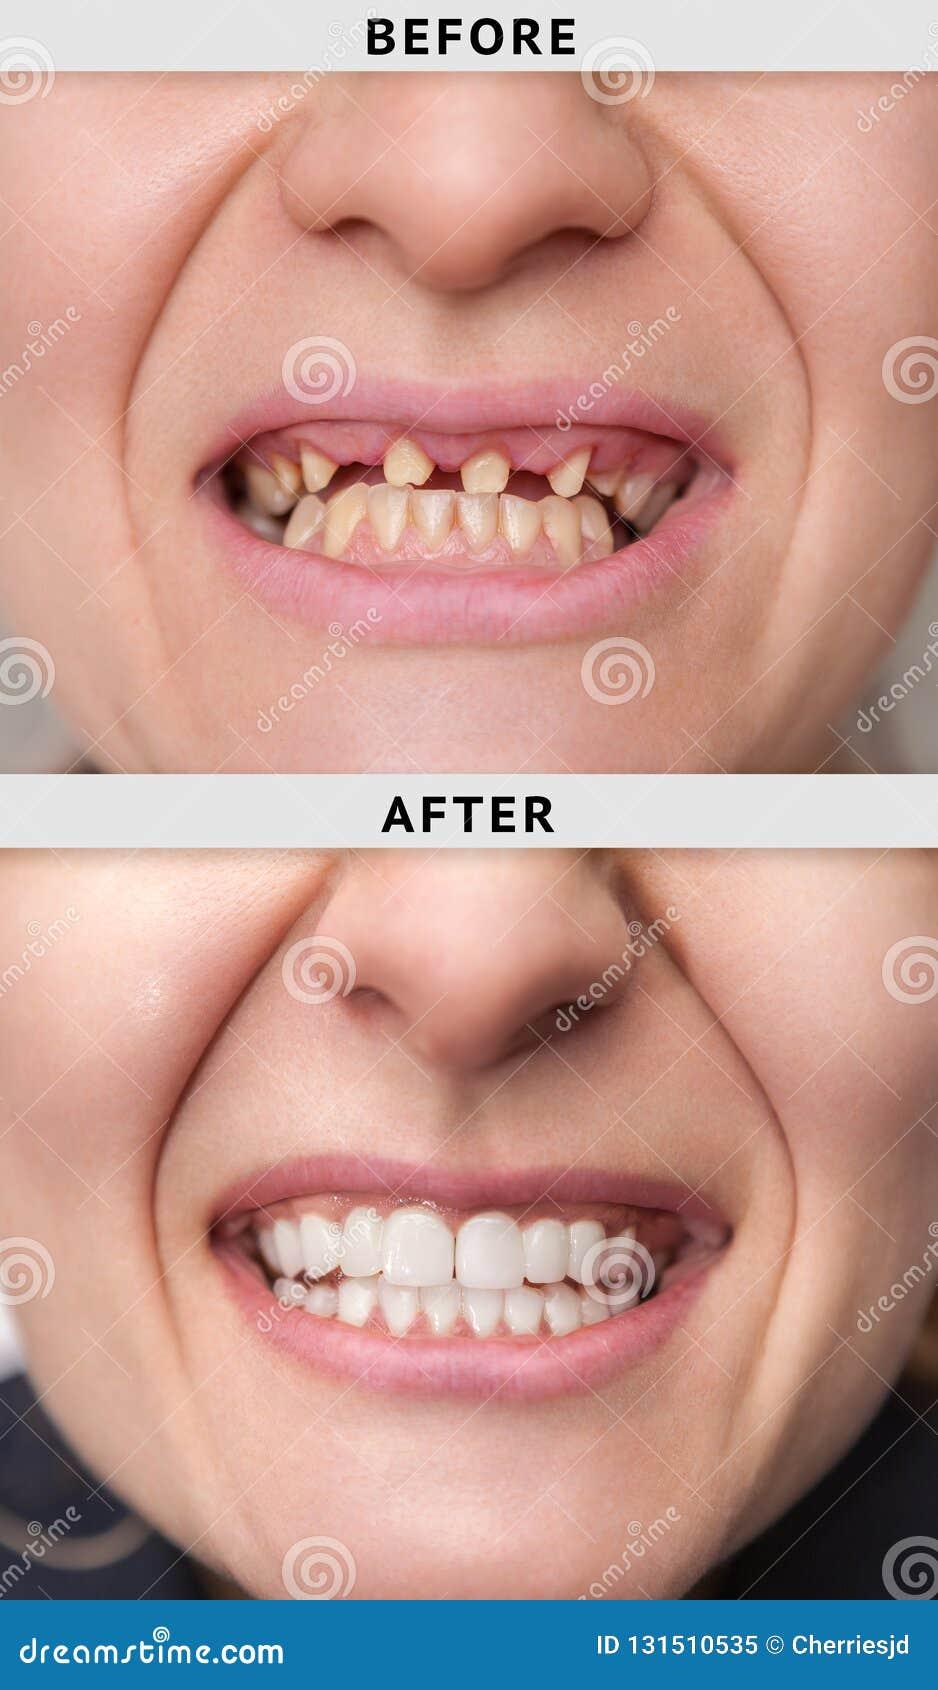 θηλυκό χαμόγελο μετά από και πριν από οδοντικό